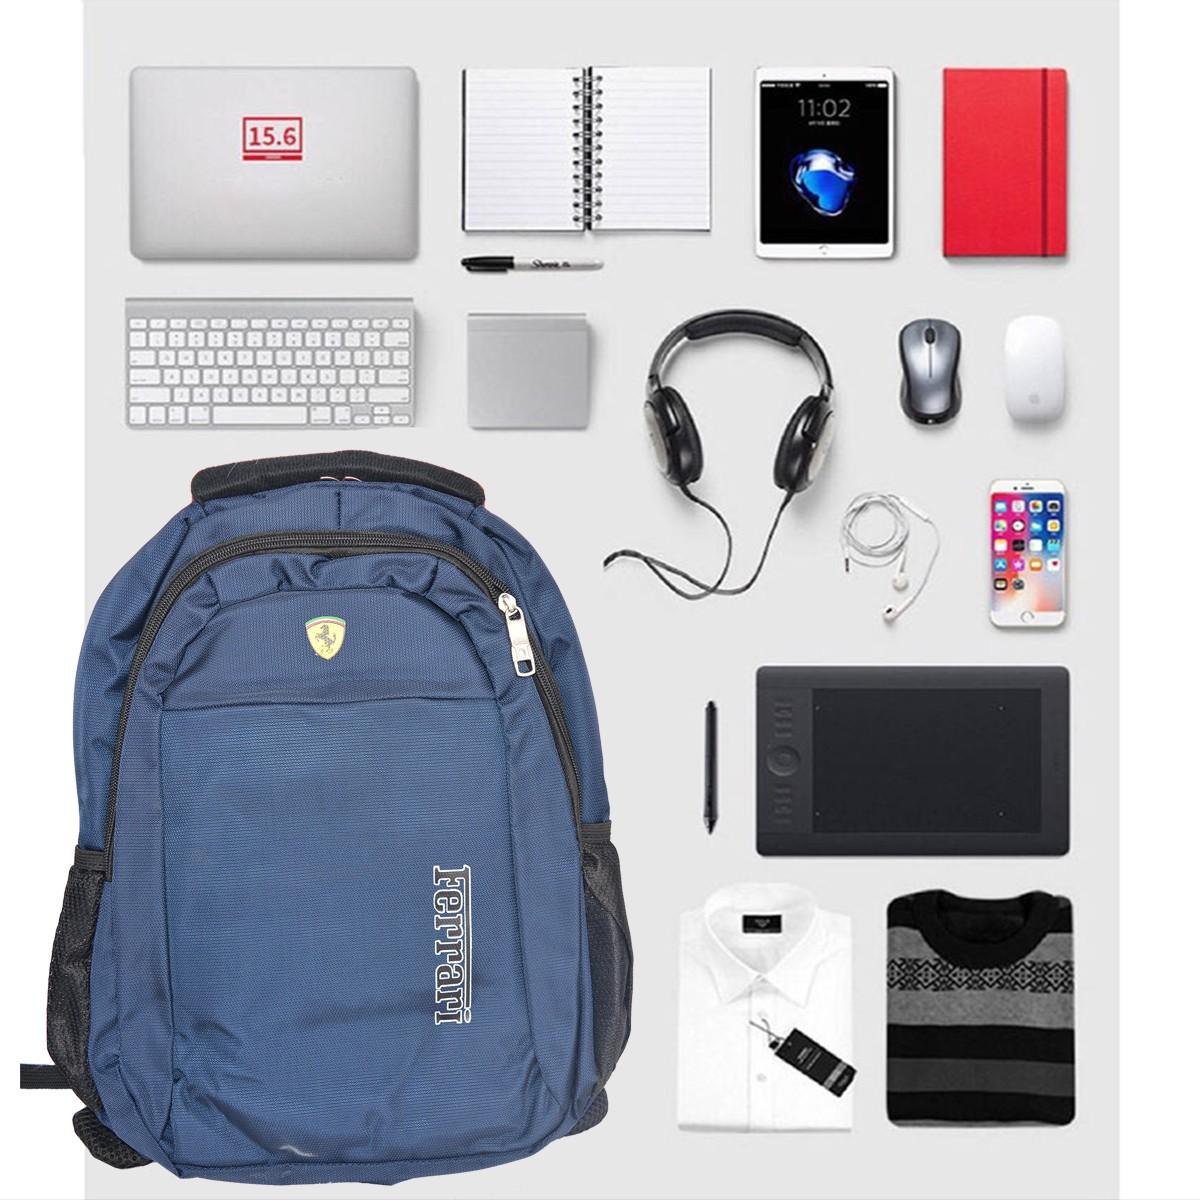 balo-da-nang-dung-sach-laptop-dung-cu-ca-nhan-bl40-3